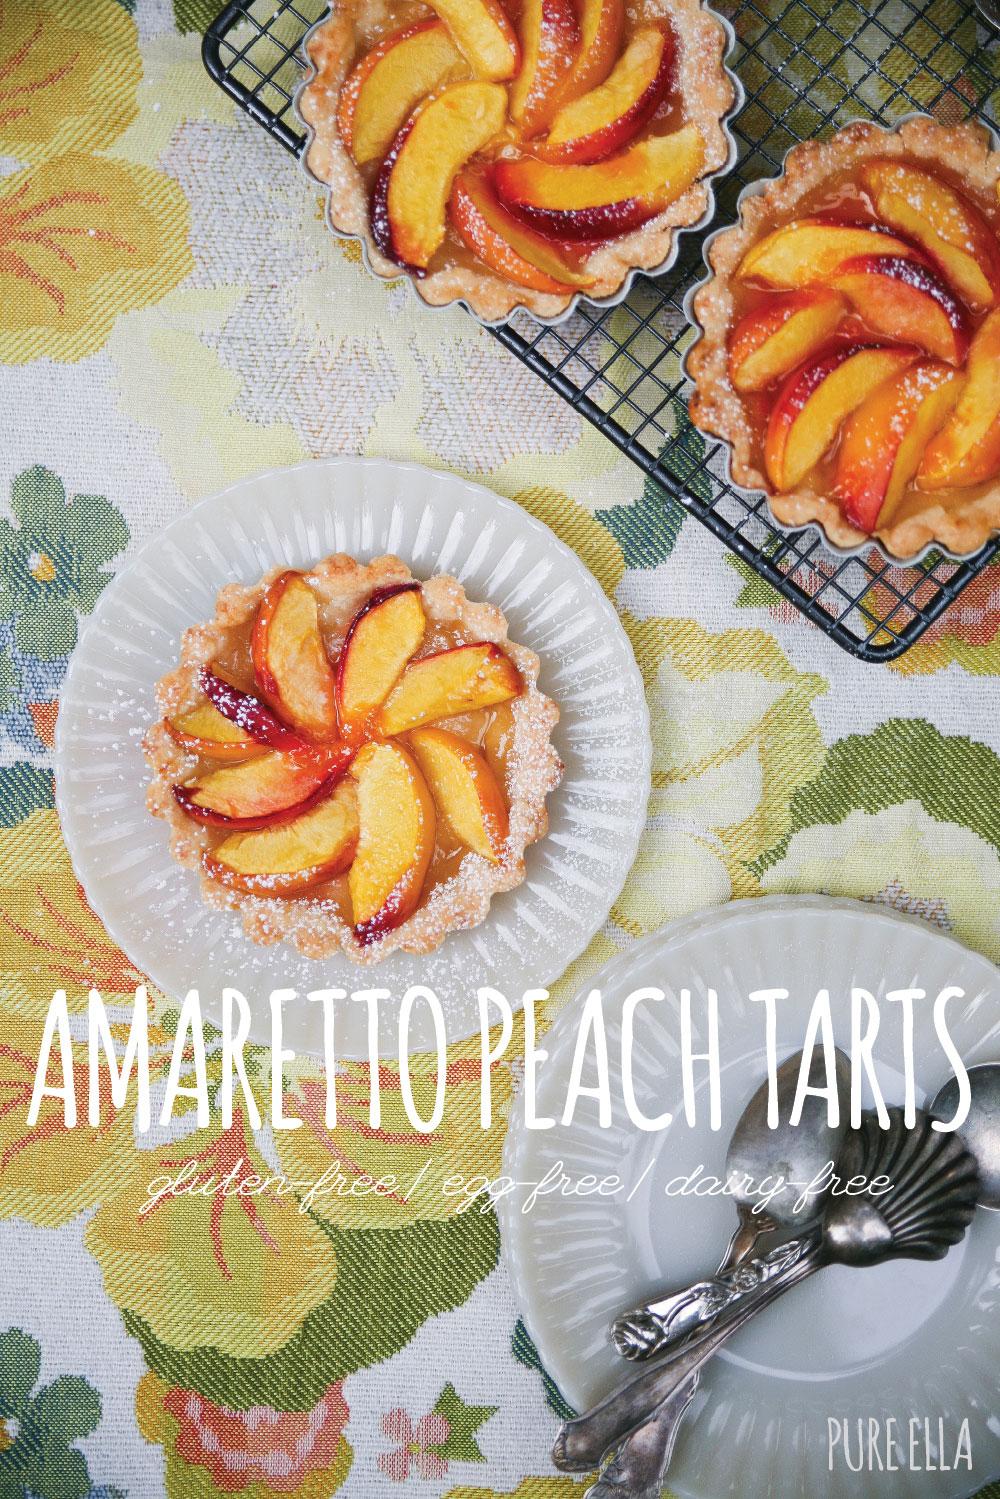 Pure-Ella-Amaretto-Peach-Tarts-Gluten-free-dairy-free-egg-free